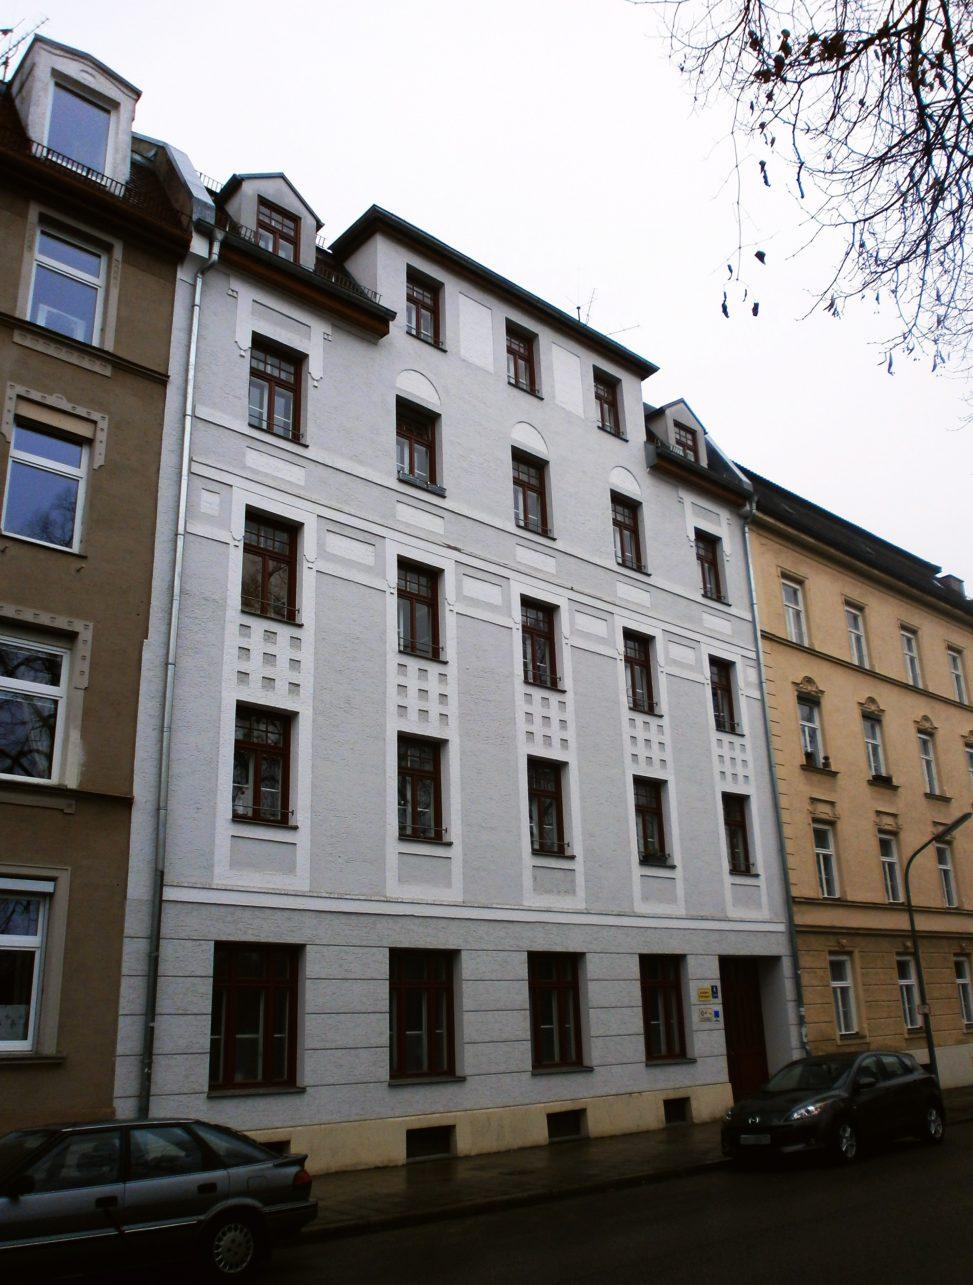 Geburtshaus Beckenbauer, München